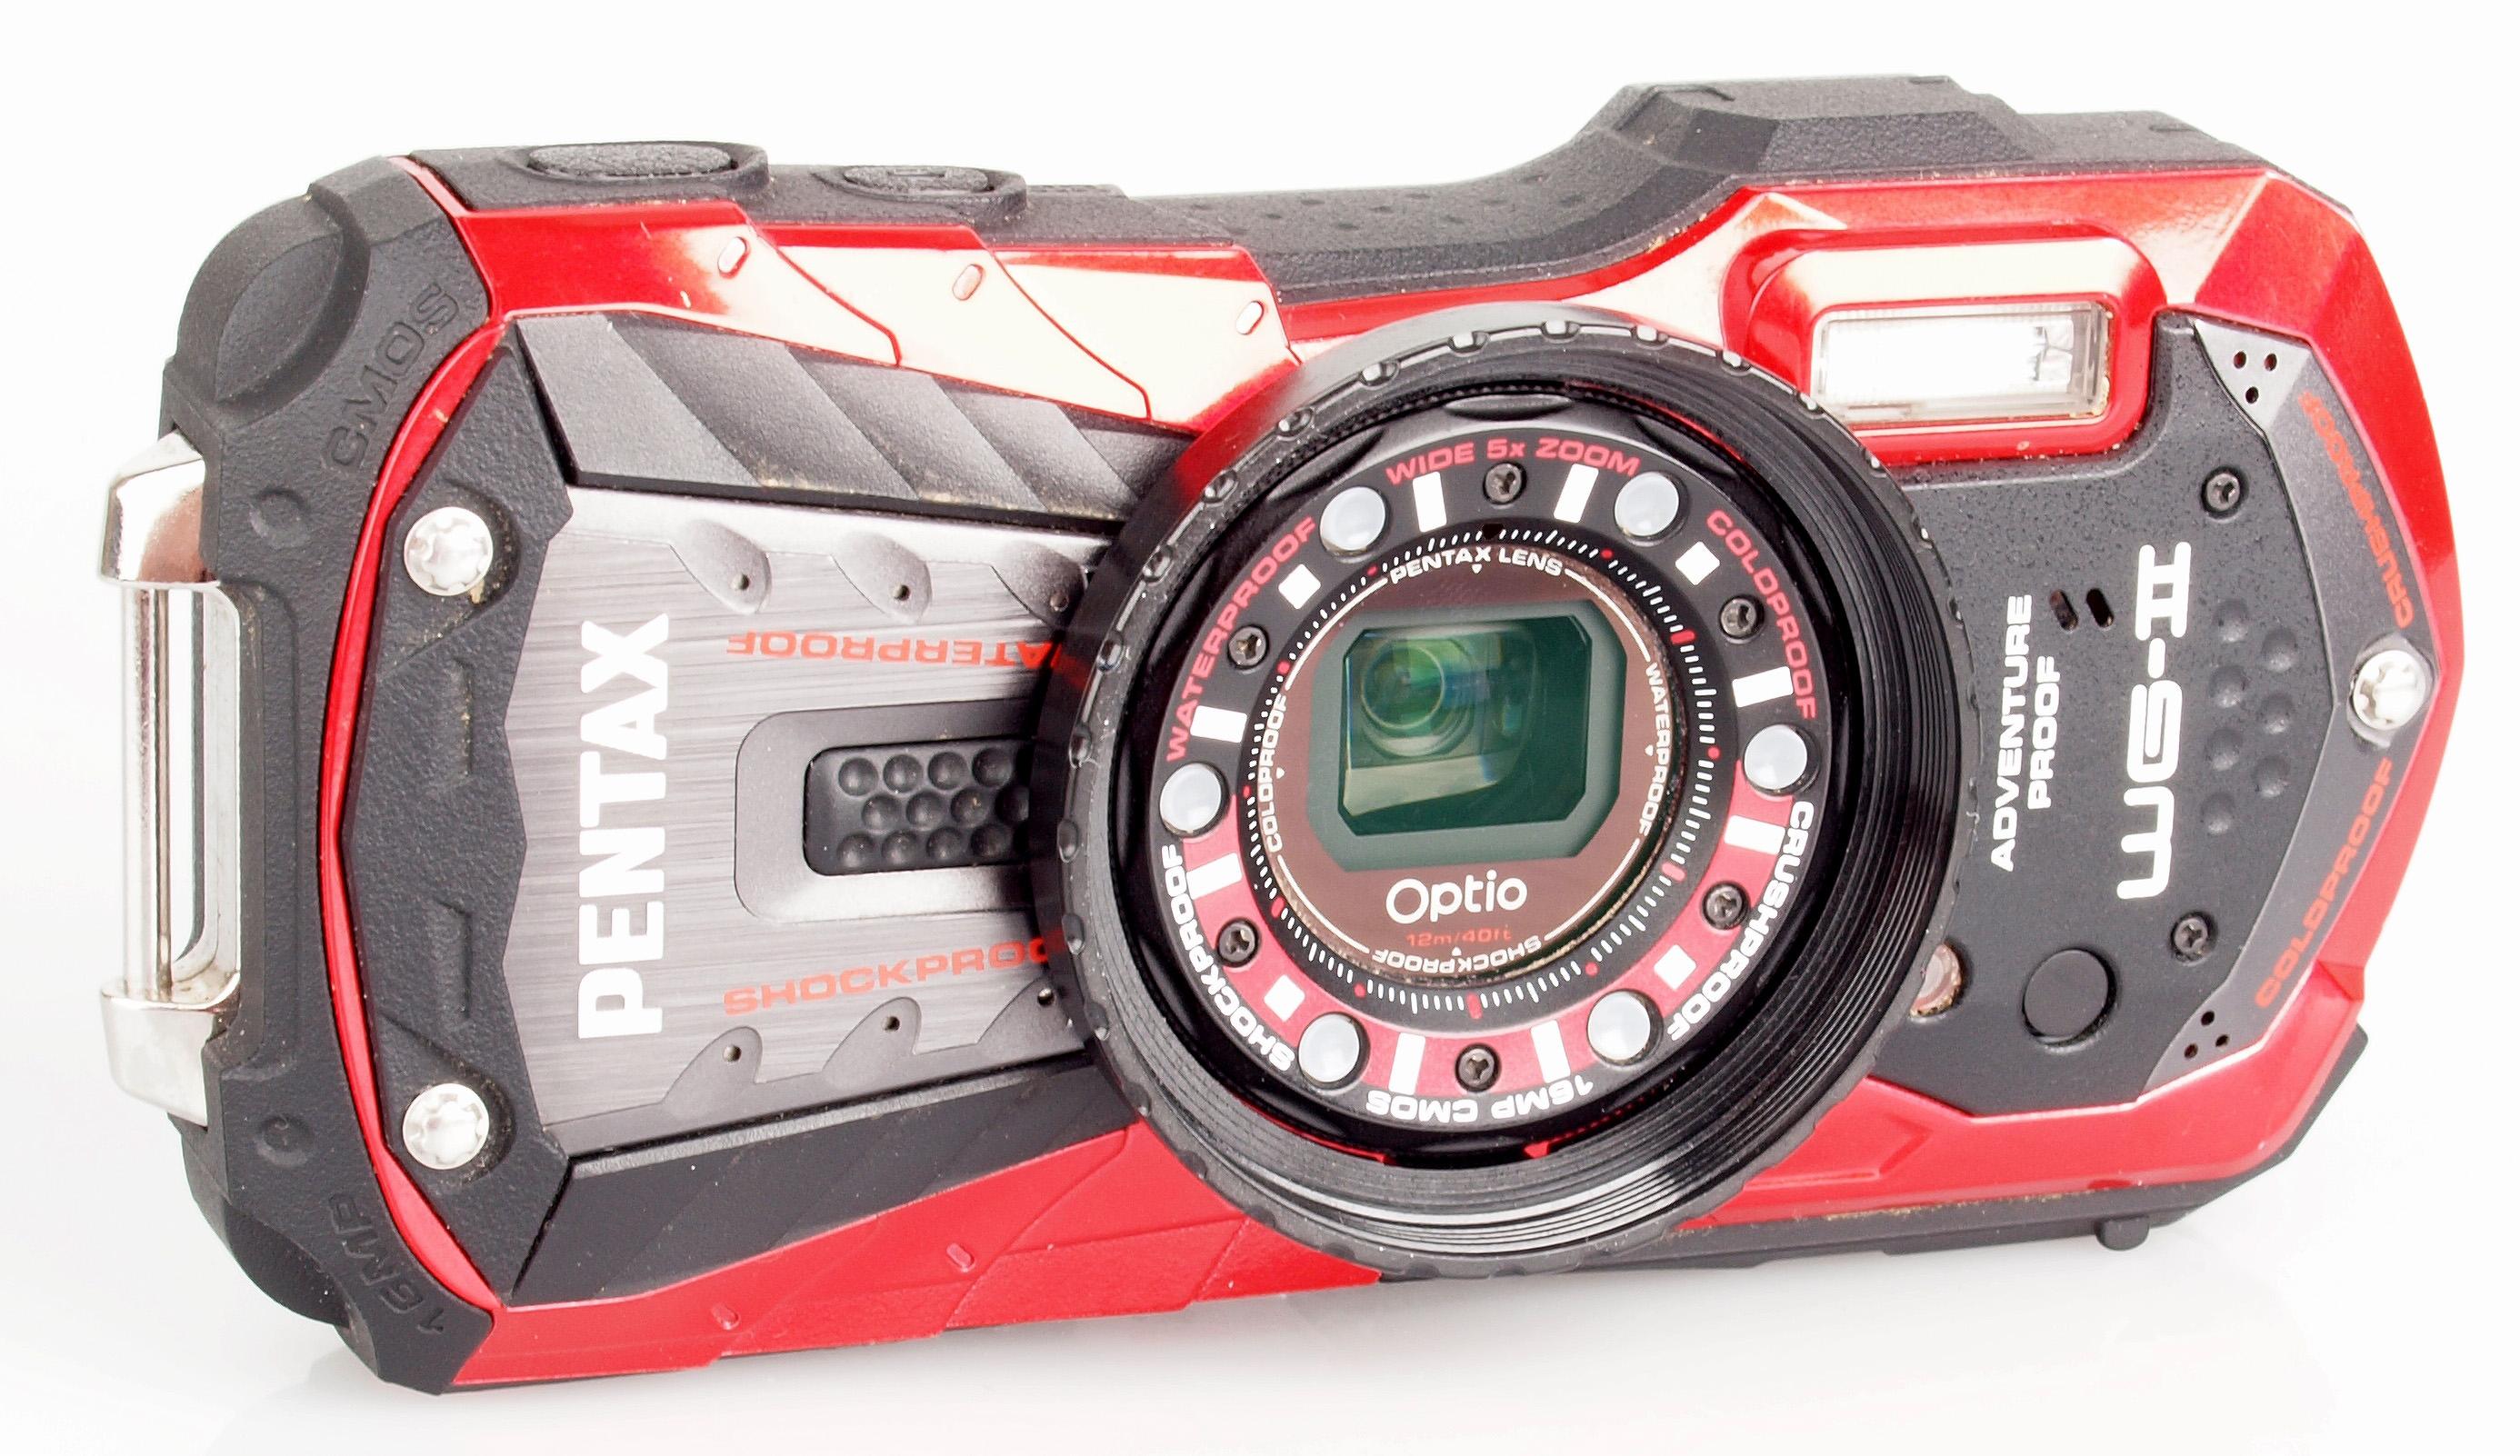 pentax optio wg 2 digital camera review rh ephotozine com pentax optio wg-2 gps manual